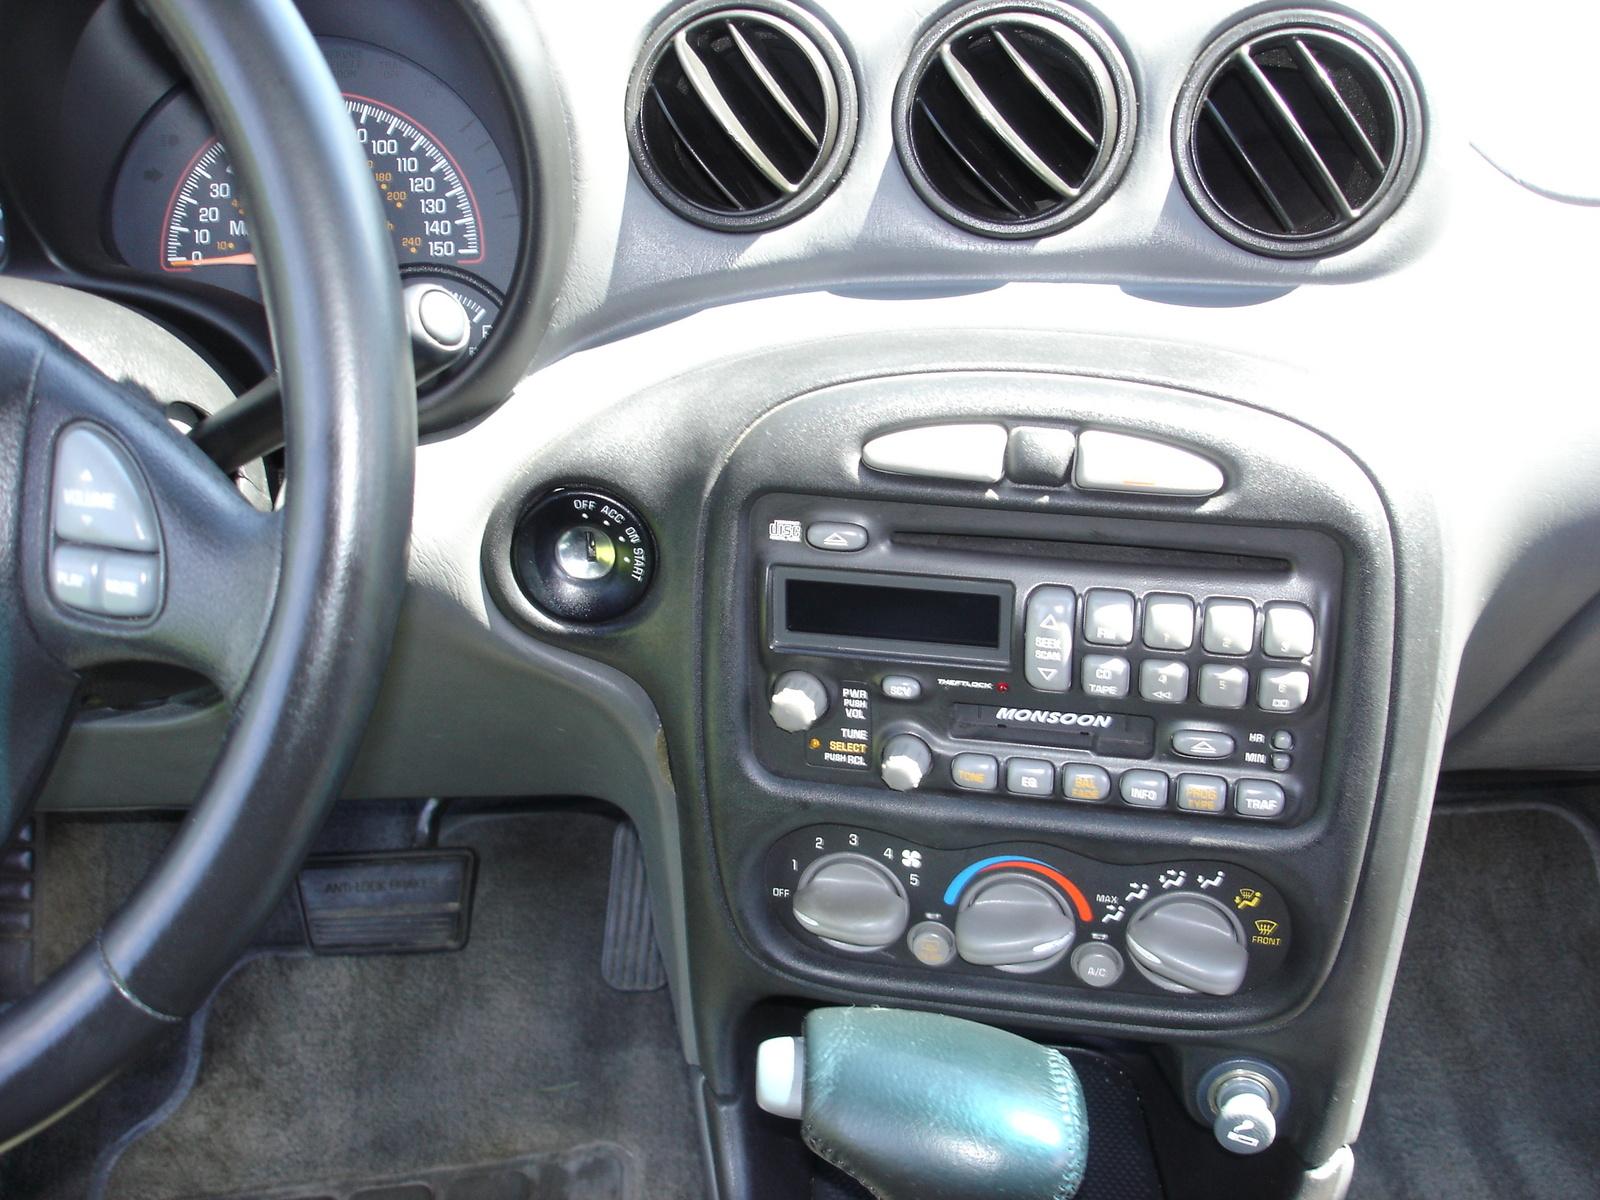 2001 Pontiac Grand Am Interior